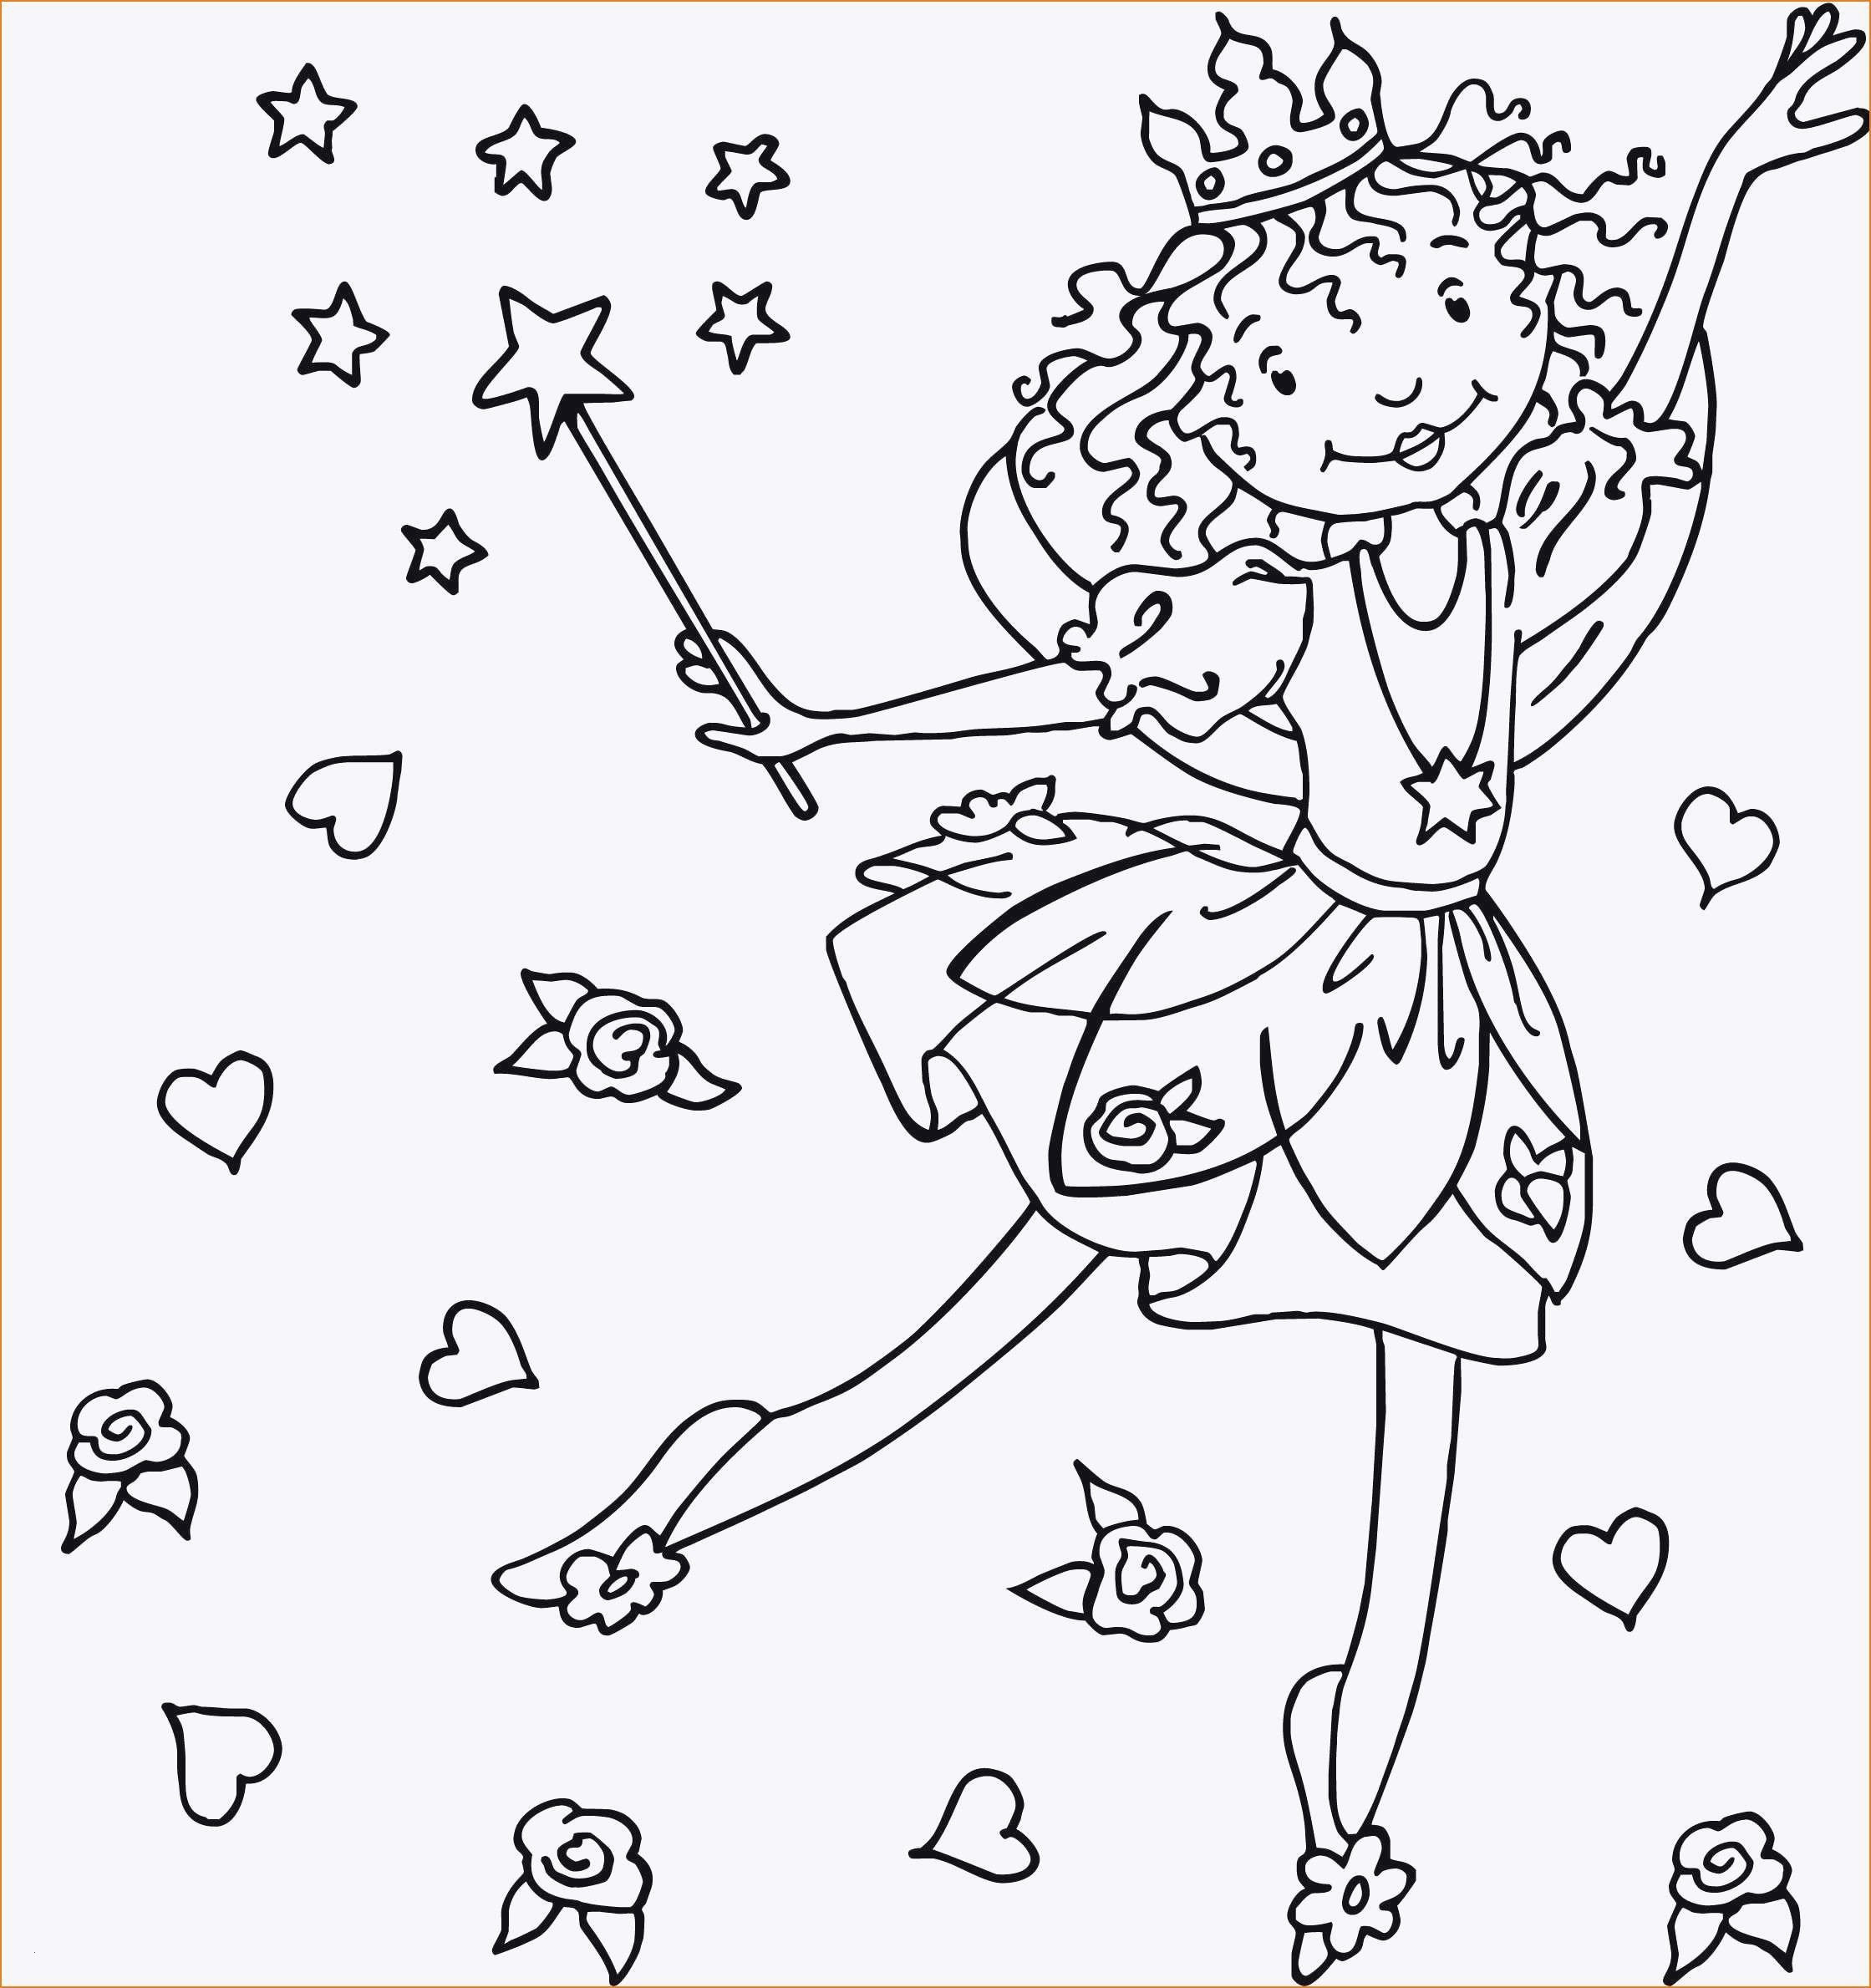 Anna Und Elsa Zum Ausmalen Inspirierend Anna Und Elsa Ausmalbilder Zum Ausdrucken Fotos Disney Ausmalbilder Fotos